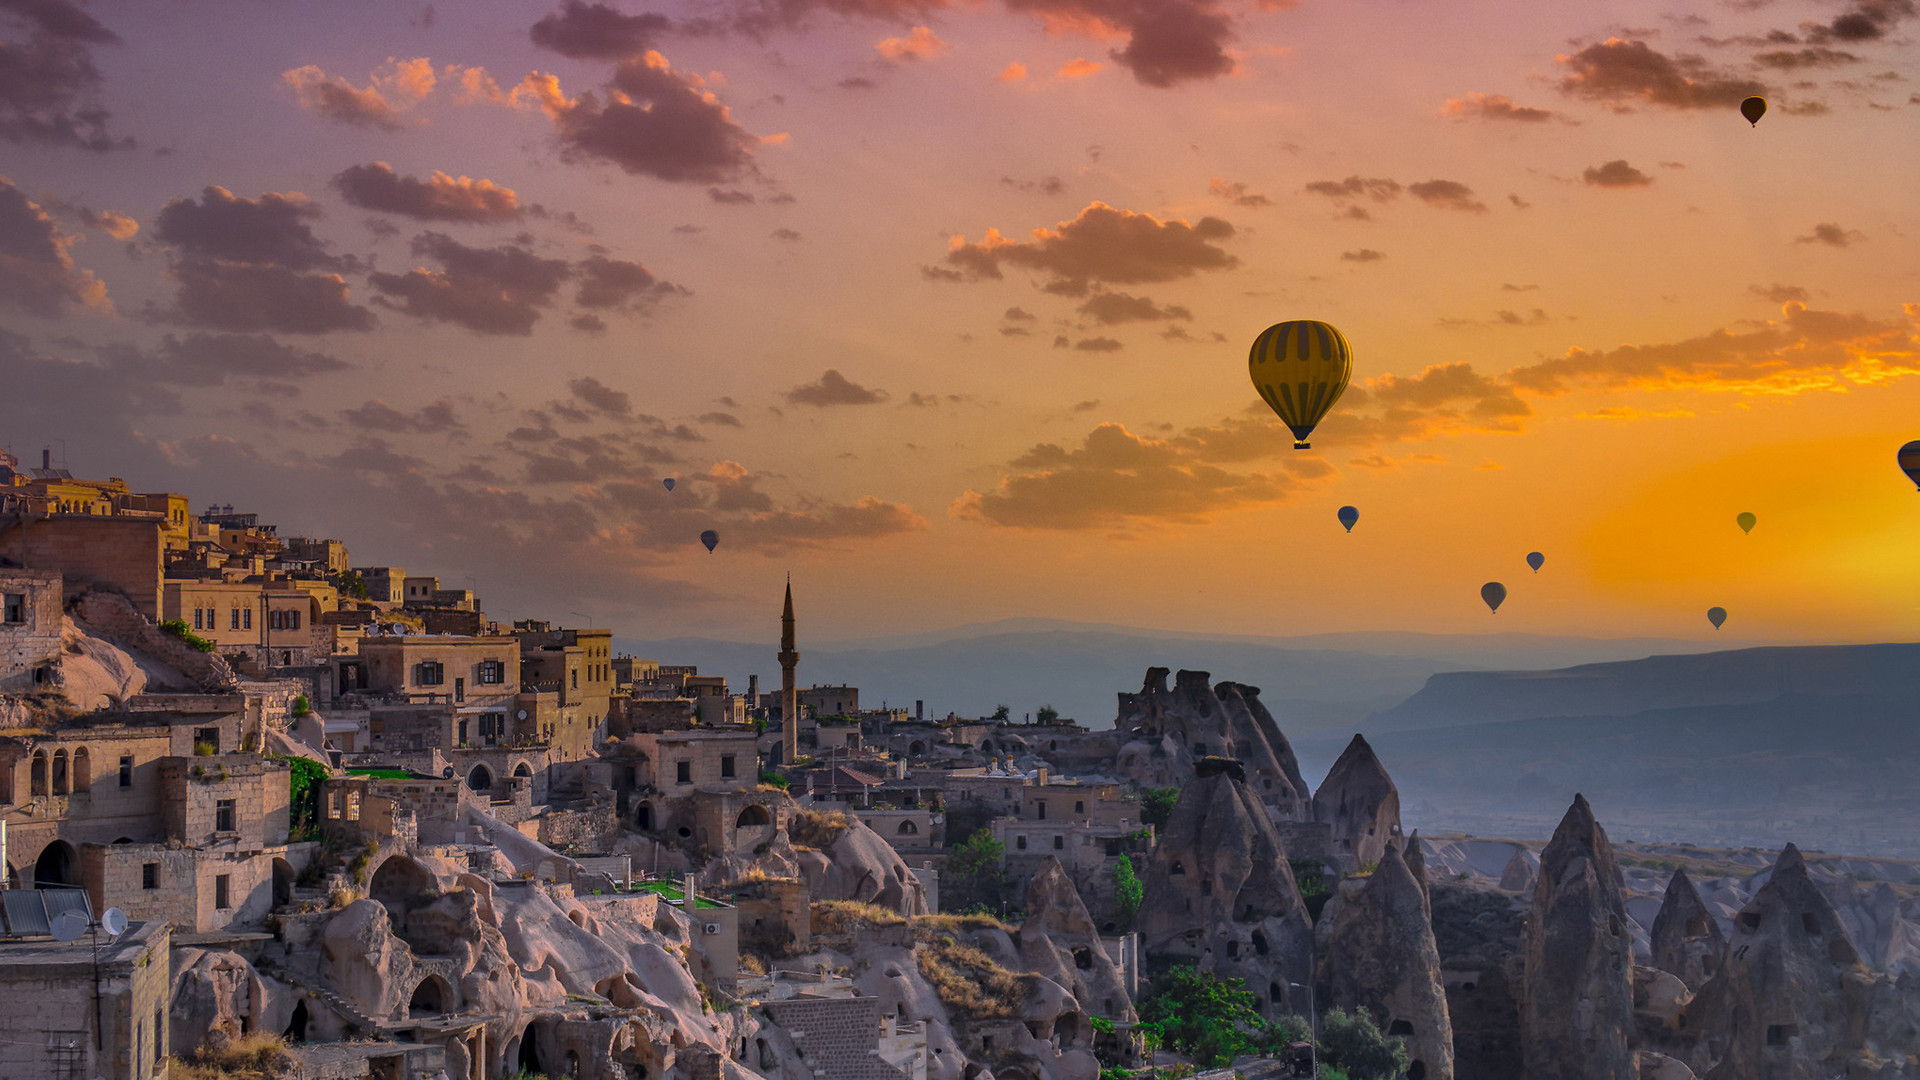 风景大片,奇幻梦境,热气球,夕阳,晚霞,城堡,古城